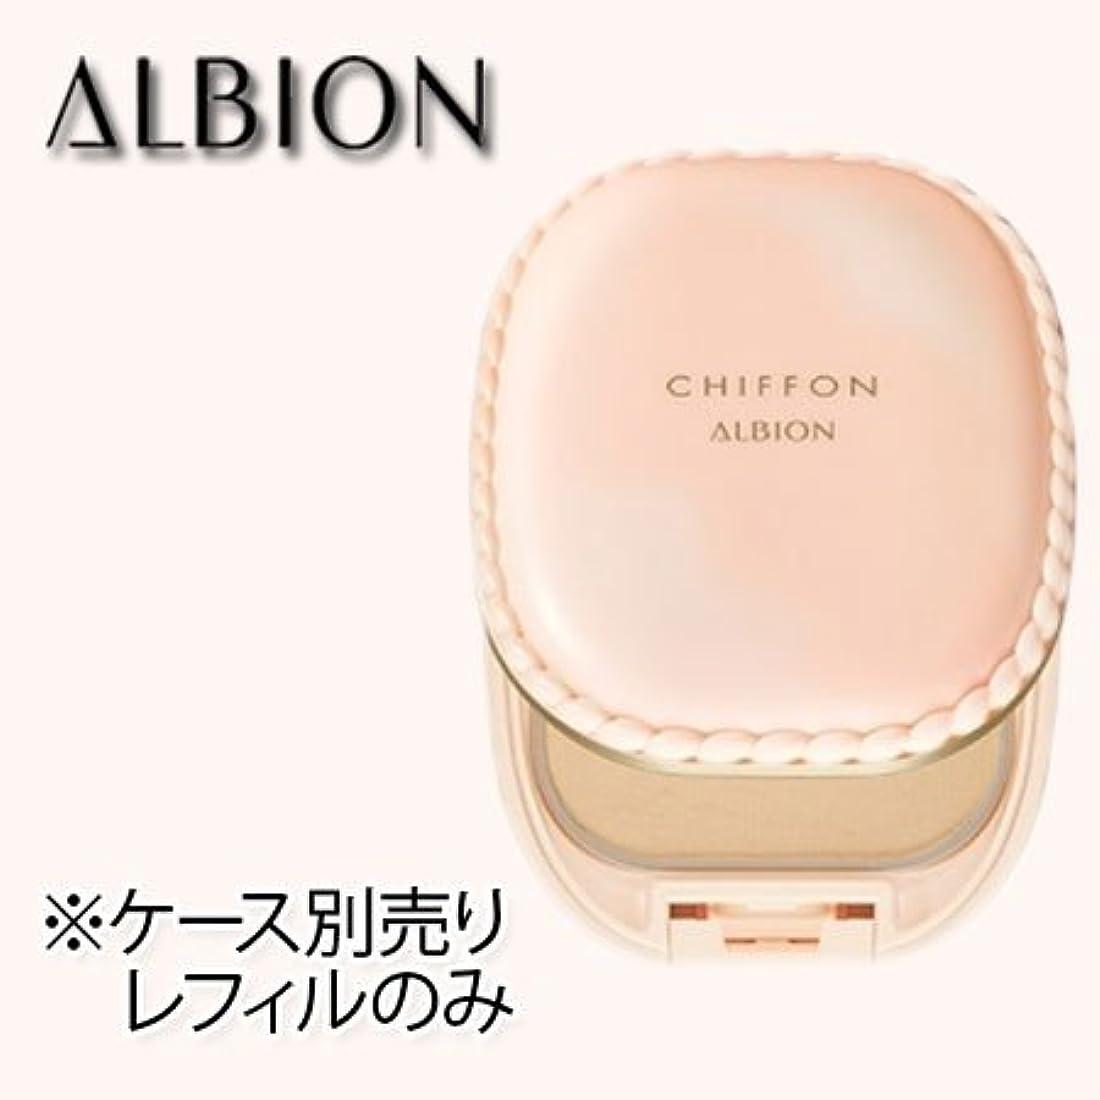 眼評判詐欺アルビオン スウィート モイスチュア シフォン (レフィル) 10g 6色 SPF22 PA++-ALBION- 060